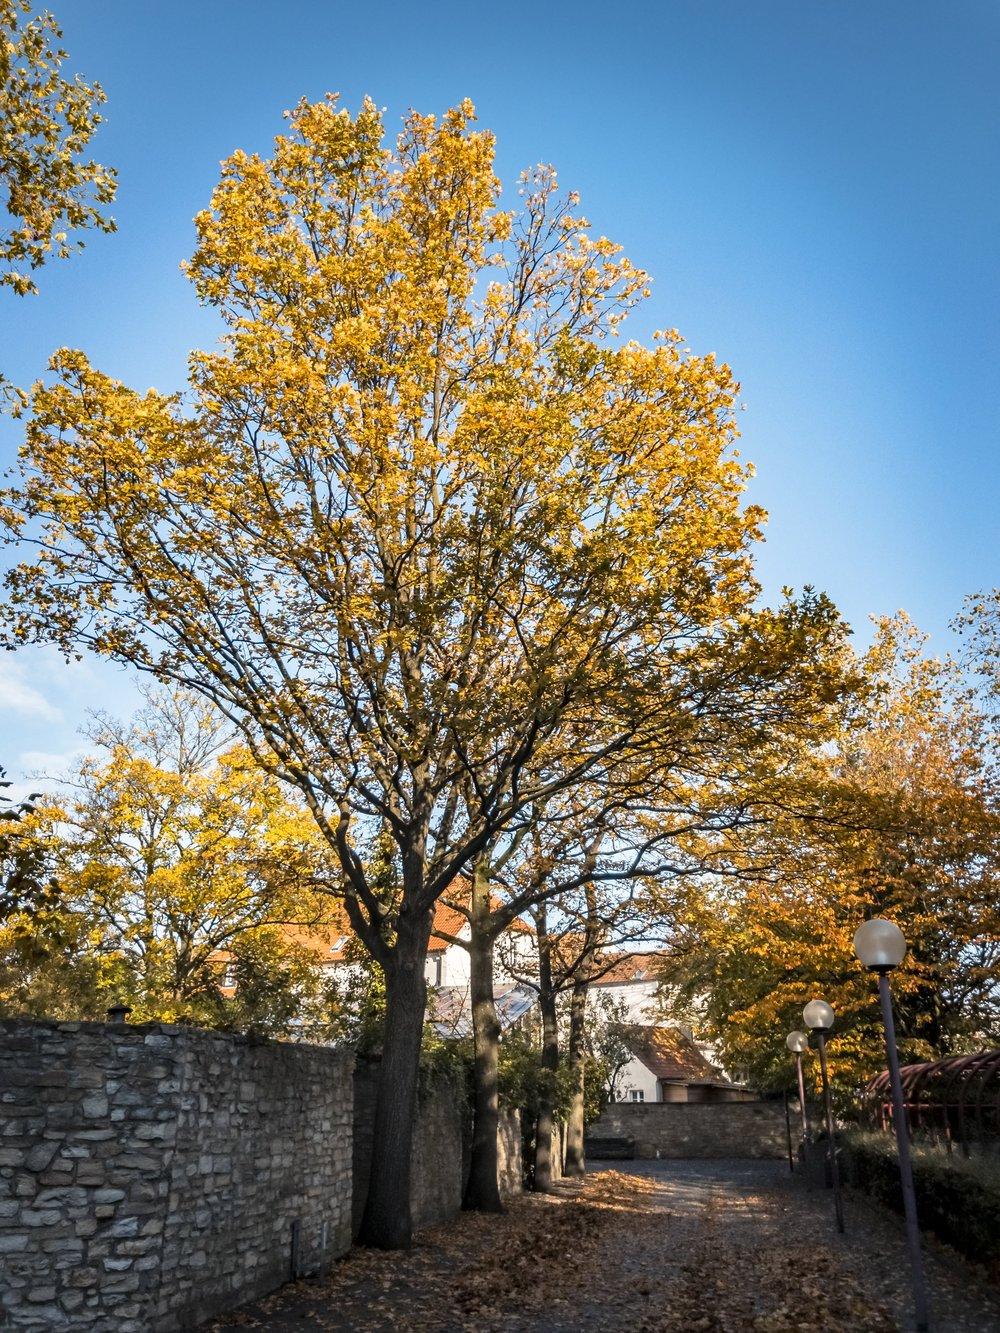 APC_0679-hdr-2 - Herbst ShotoniPhone Autumn Blätter Leaves Sun Sonne Light Threes Licht Bäume Baum Stadt Osnabrück.jpg